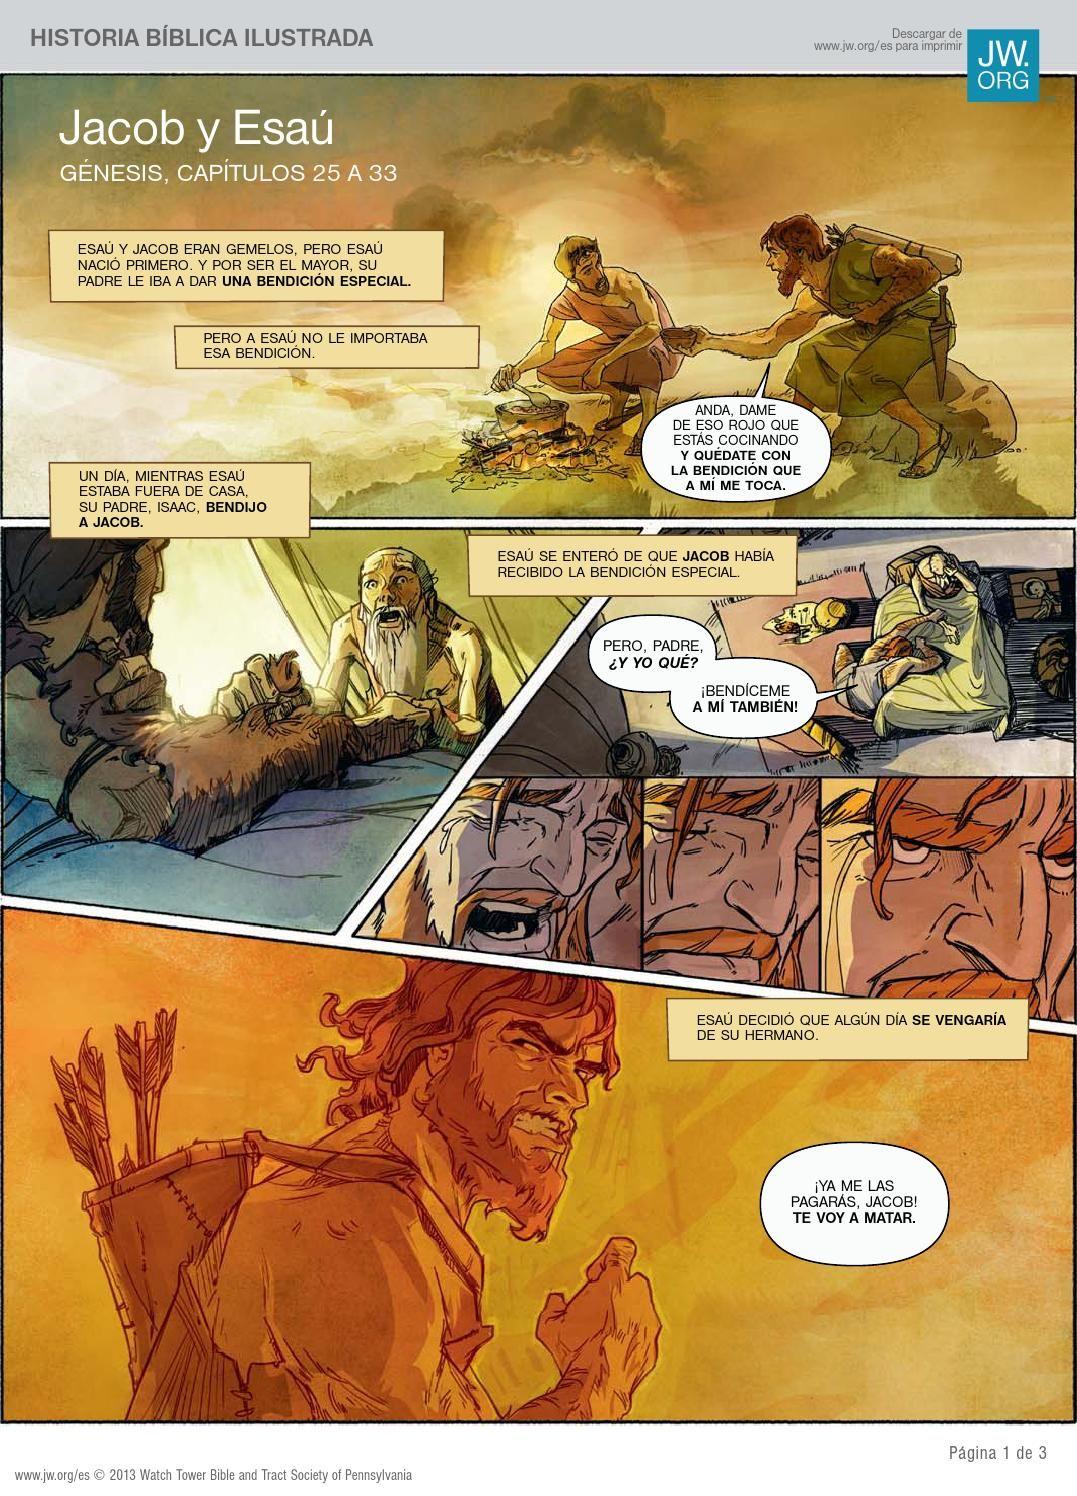 Jacob y Esaú  La relación de dos hermanos y sus prioridades en la vida. Génesis cap. 25 a 33